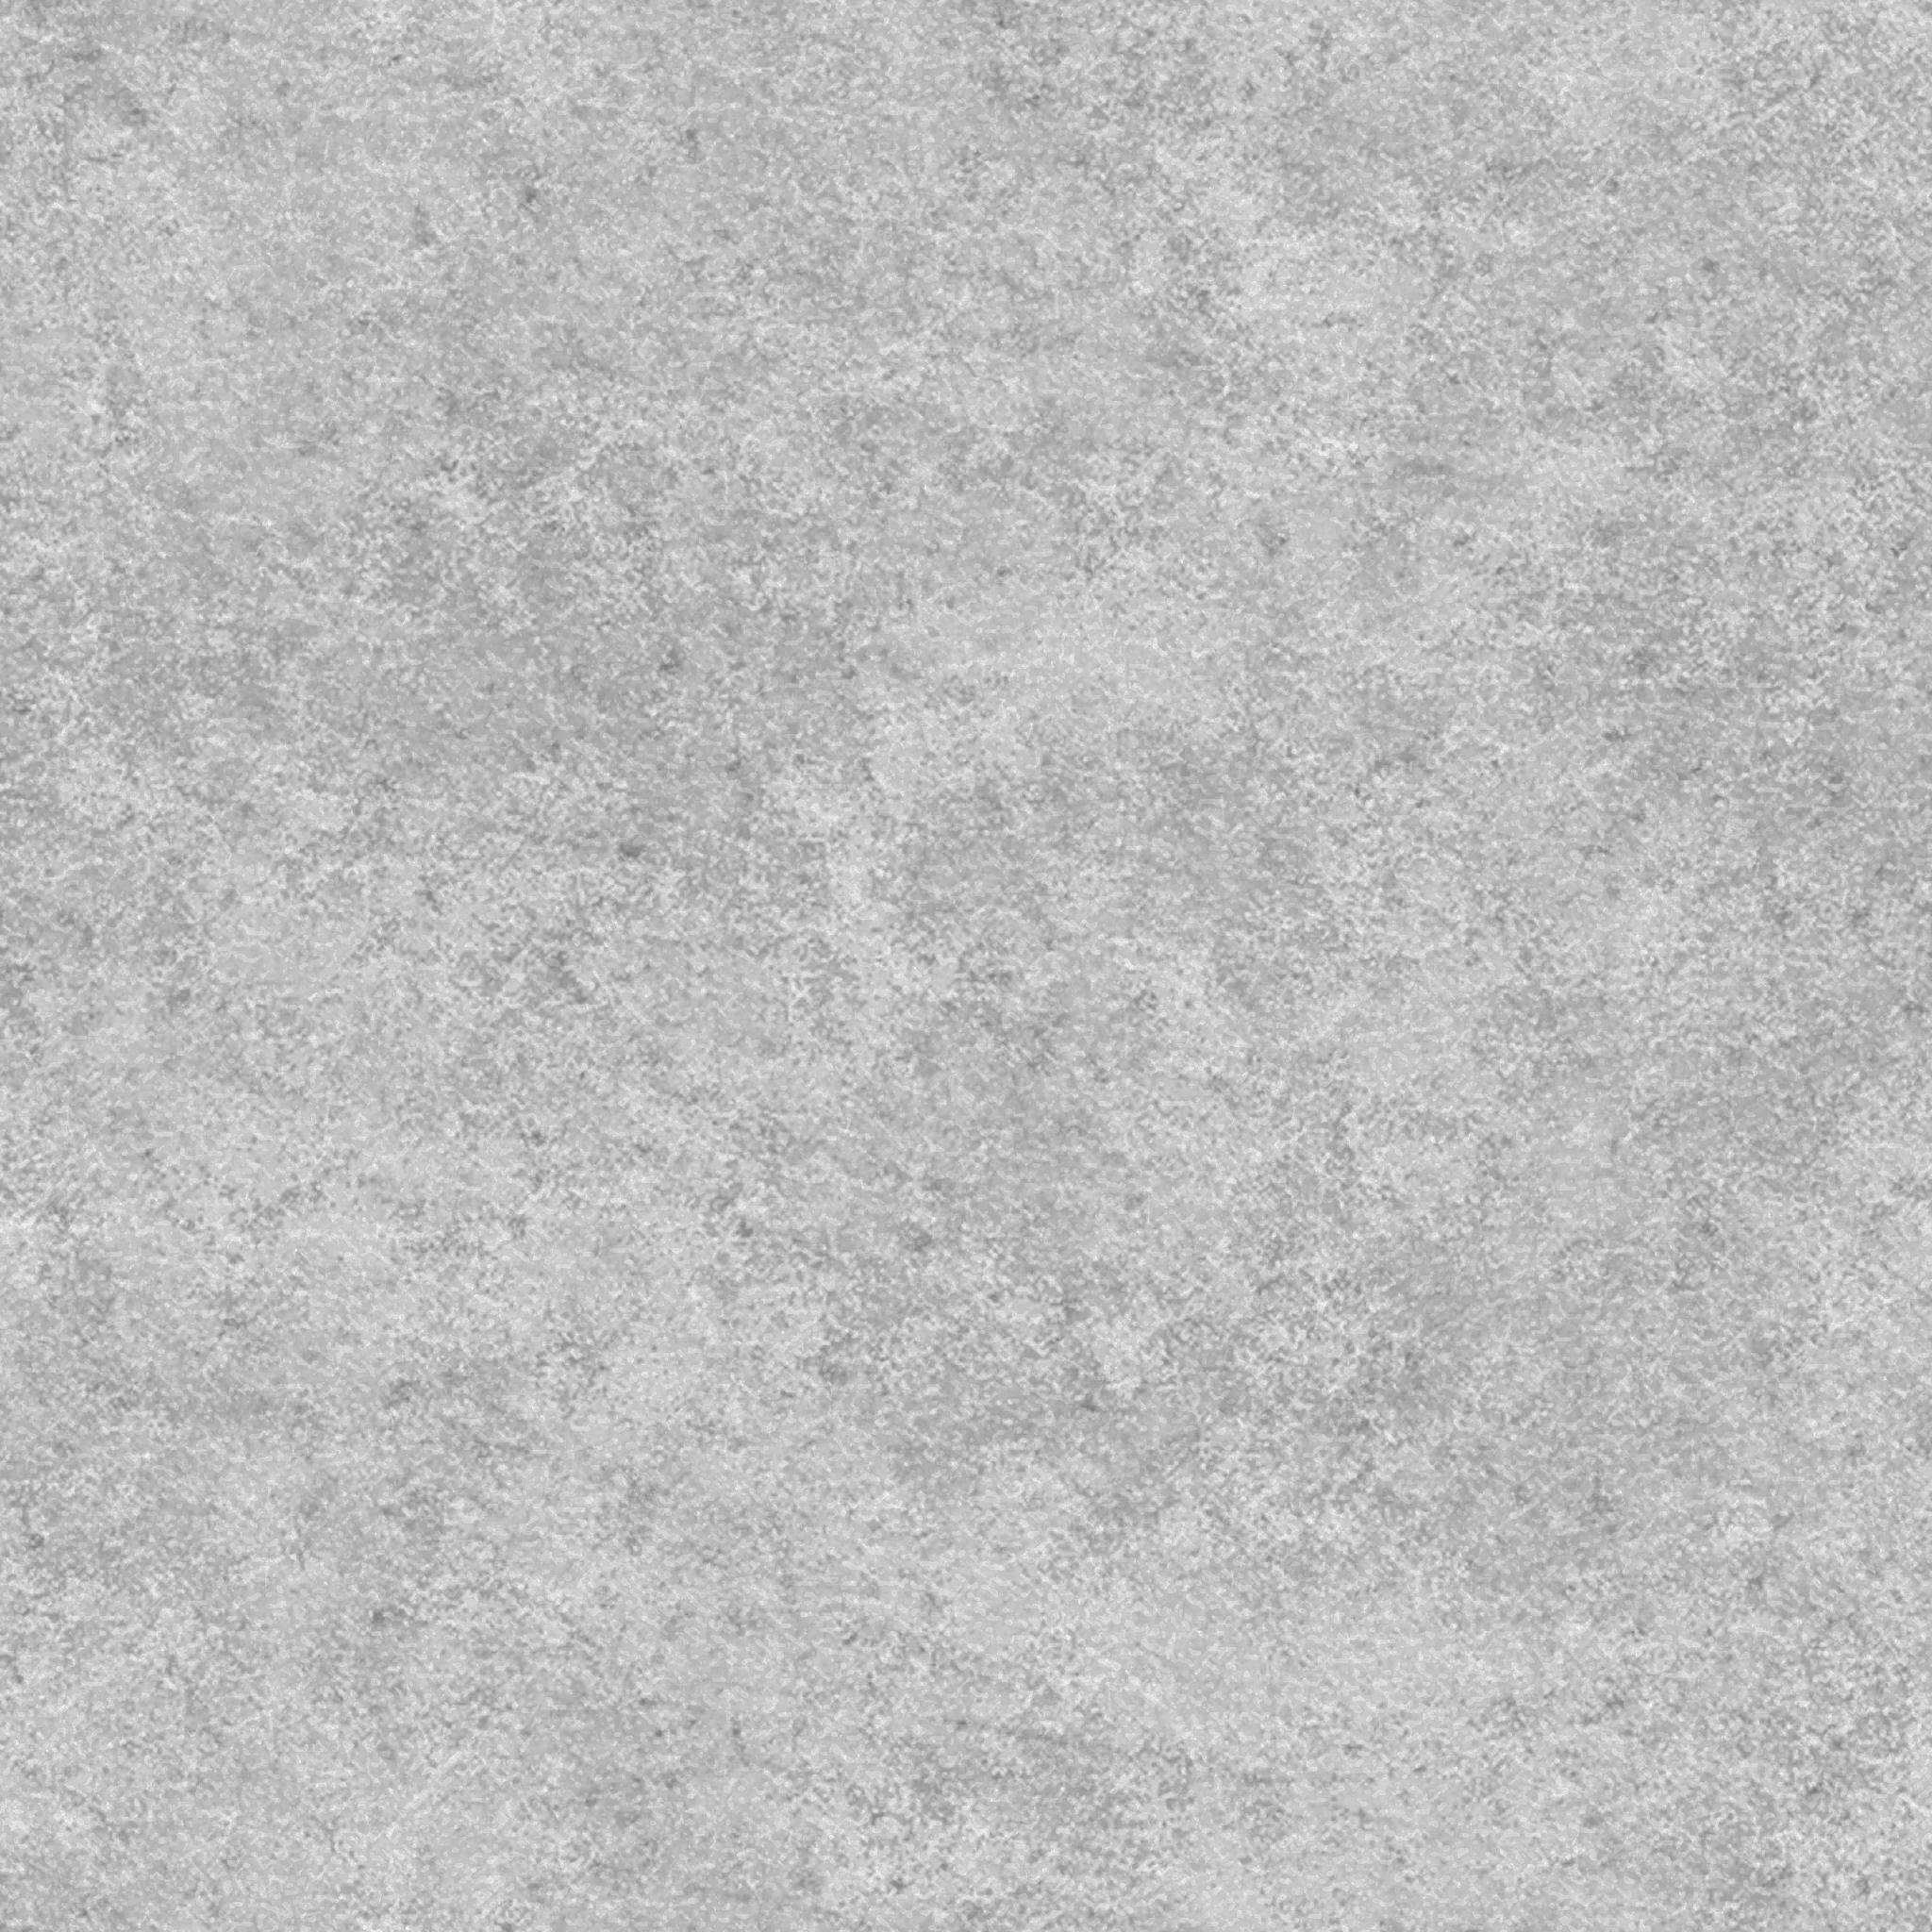 Cemento pulido gris claro pisos pinterest cemento for Piso hormigon pulido